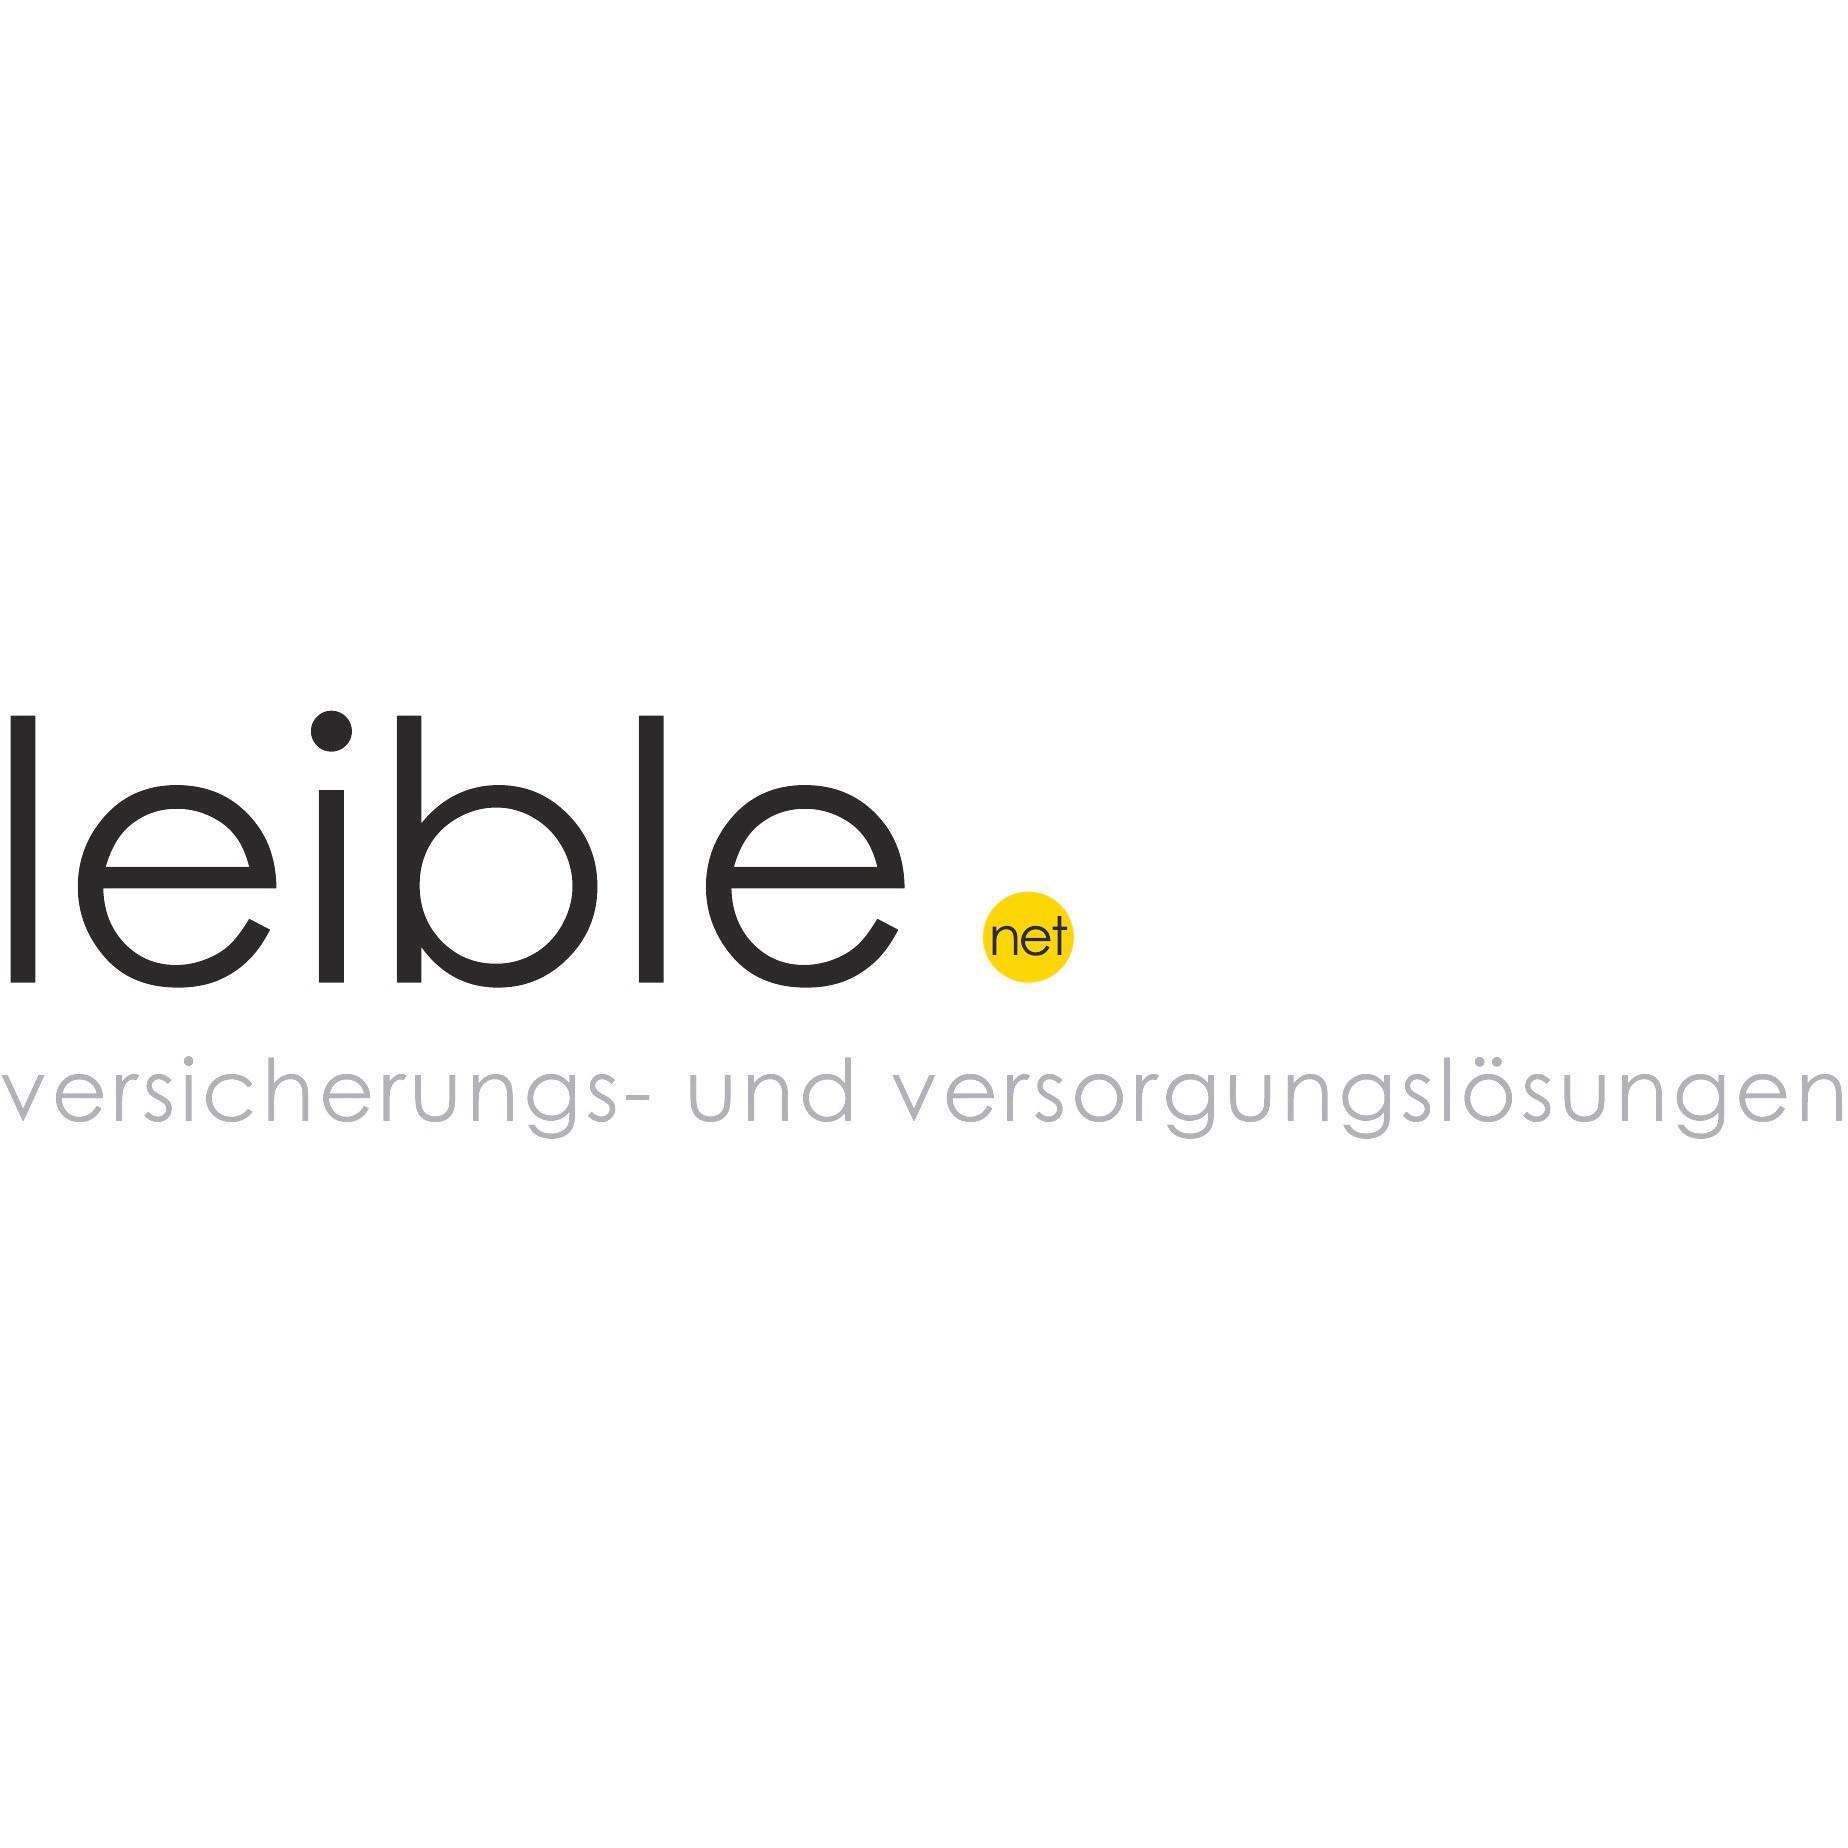 Bild zu Leible GmbH, Versicherungsmakler in Durbach bei Offenburg in Durbach